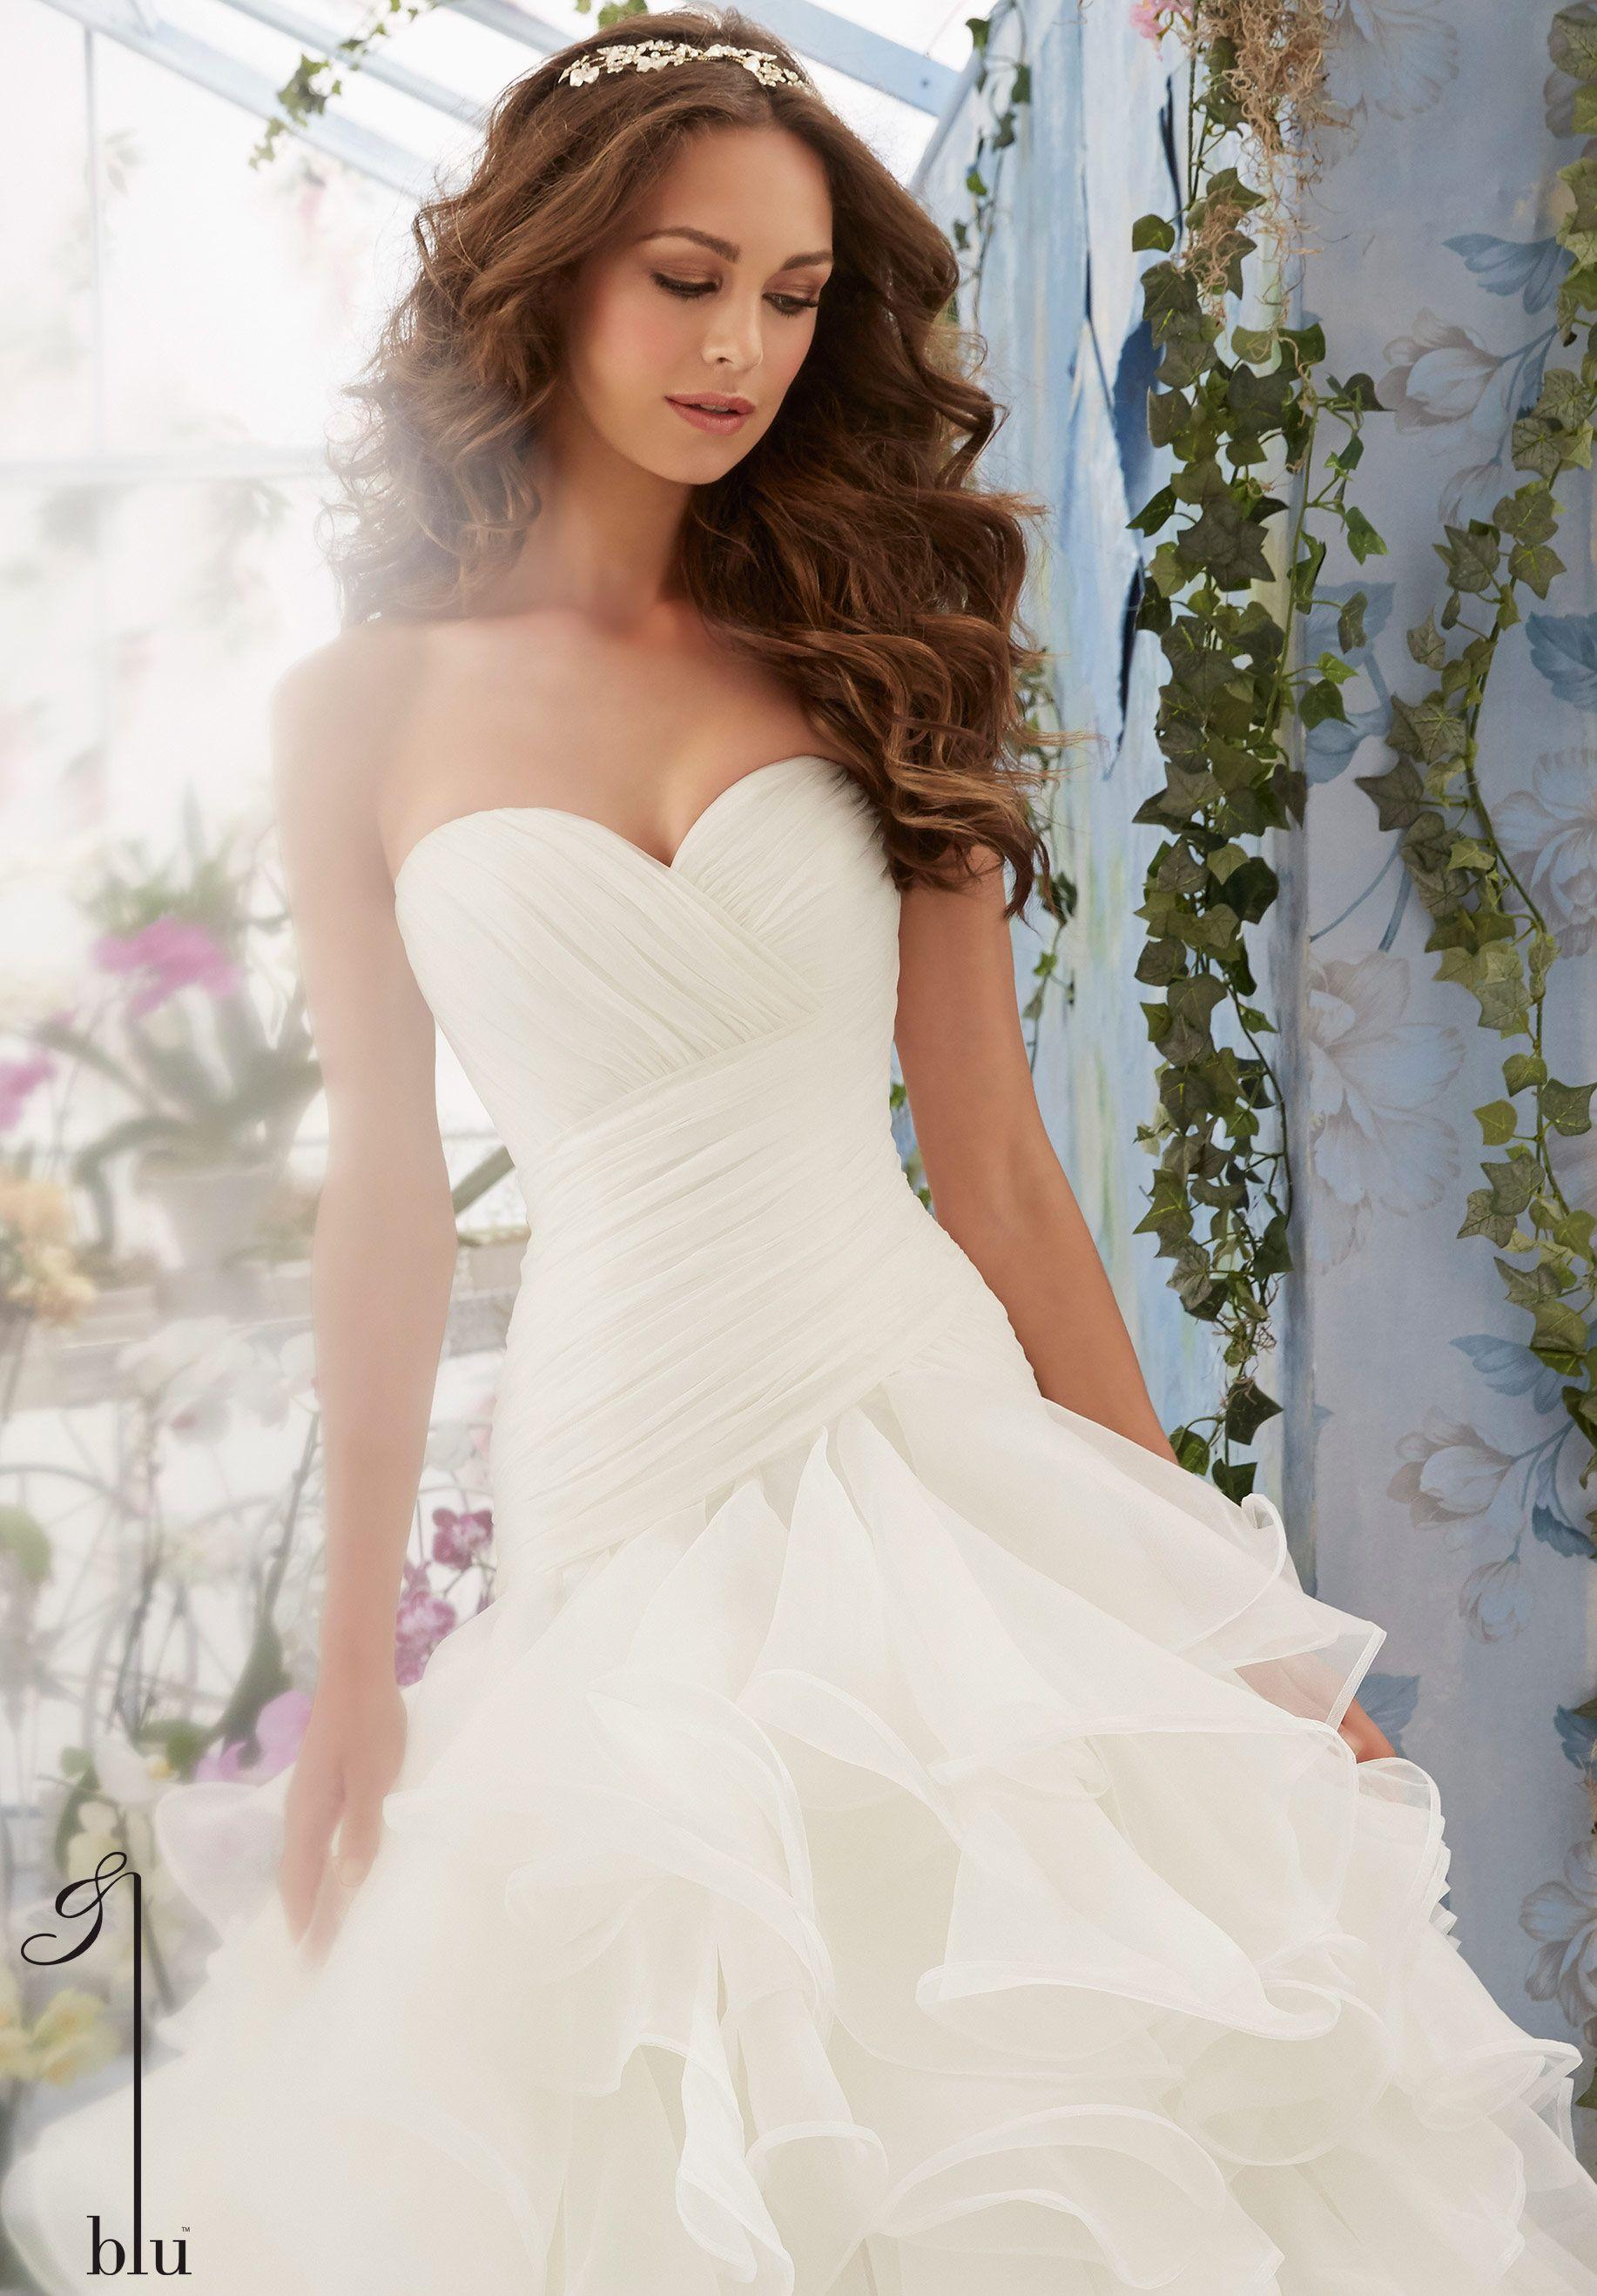 Wedding bridal gowns u designer blu dress style blu